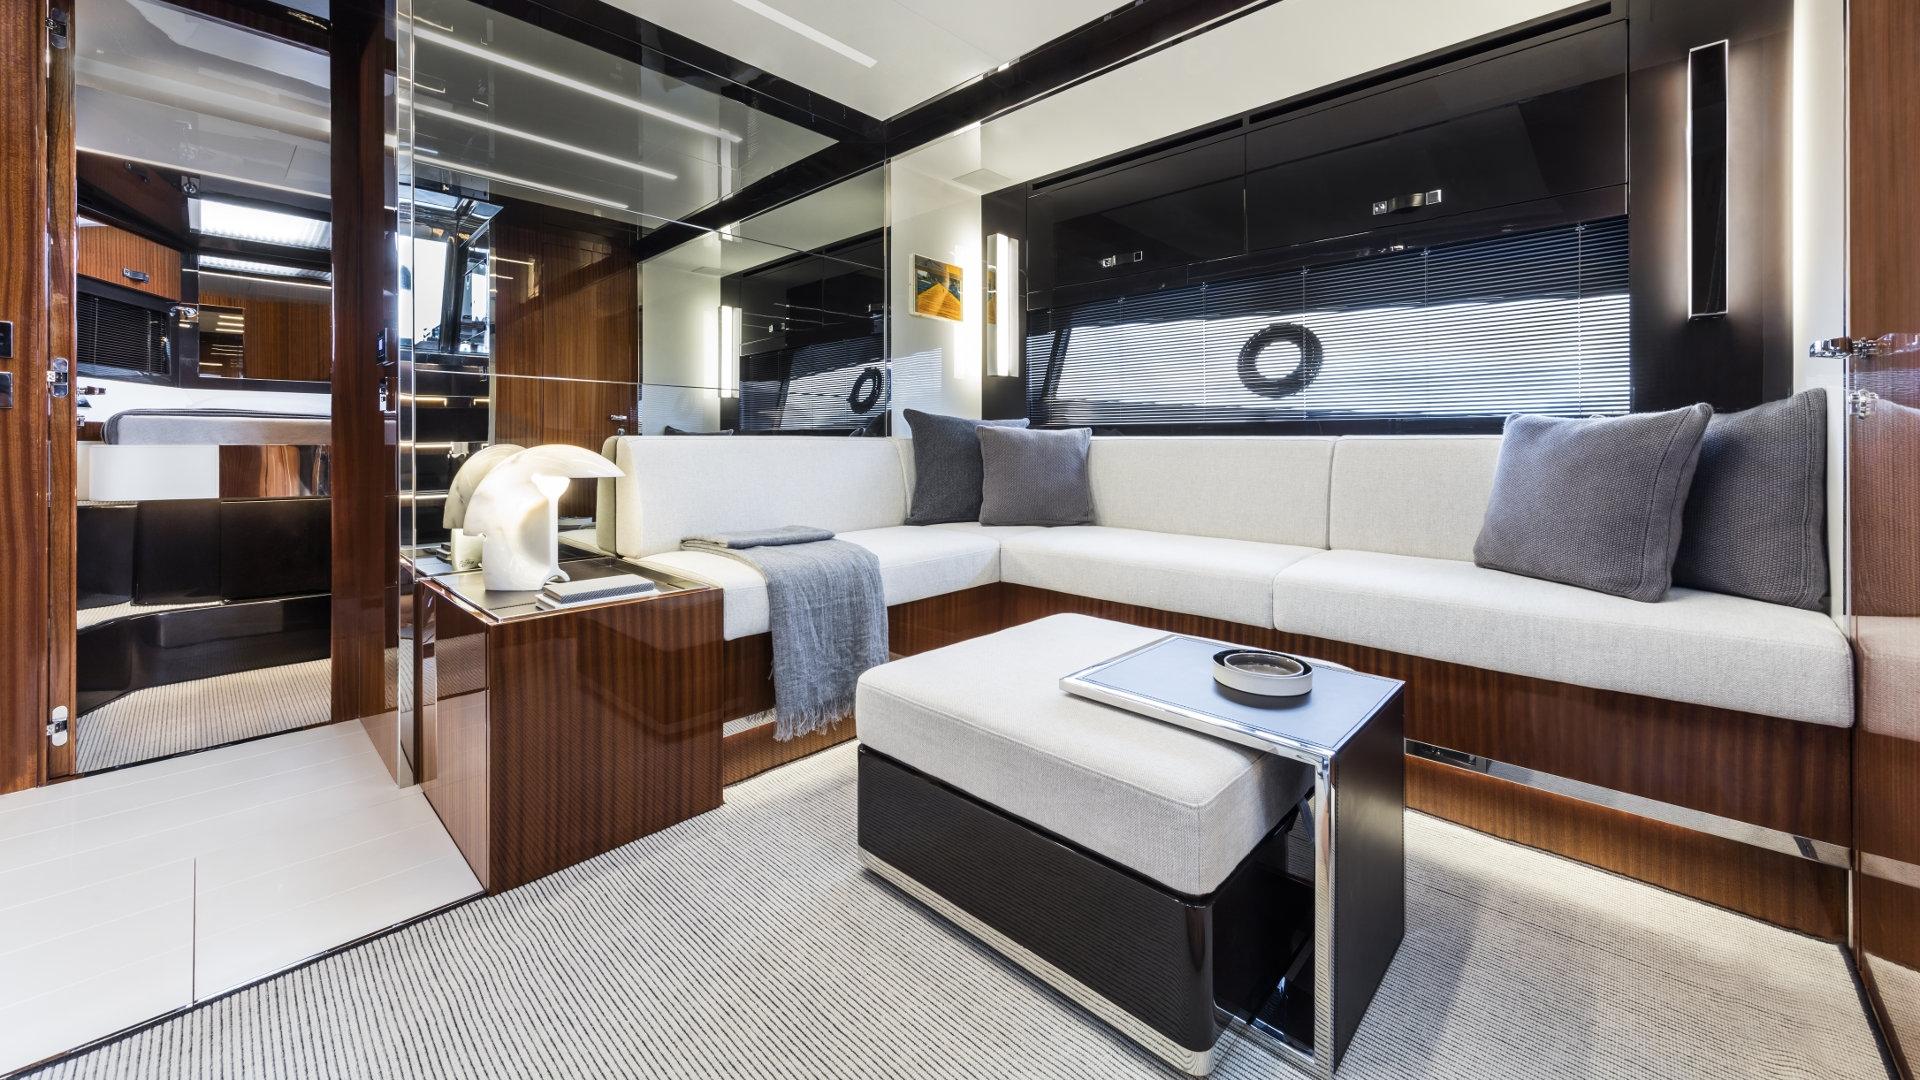 luxusyacht kaufen hinweise und tipps poroli. Black Bedroom Furniture Sets. Home Design Ideas